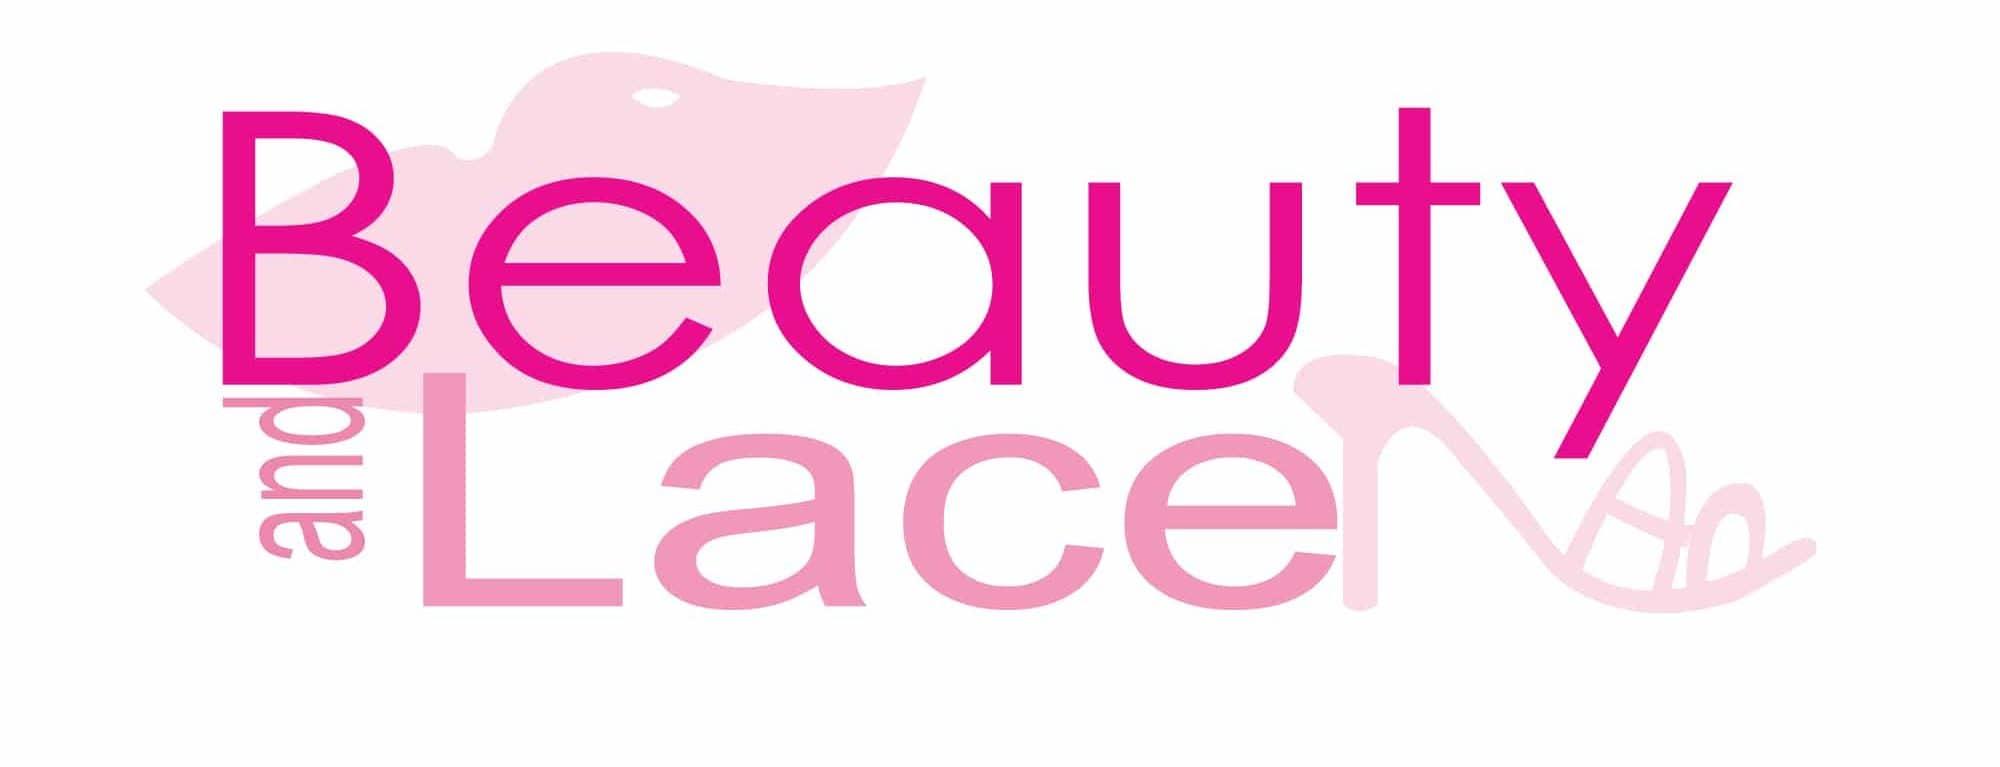 Beauty – Beauty and Lace Magazine